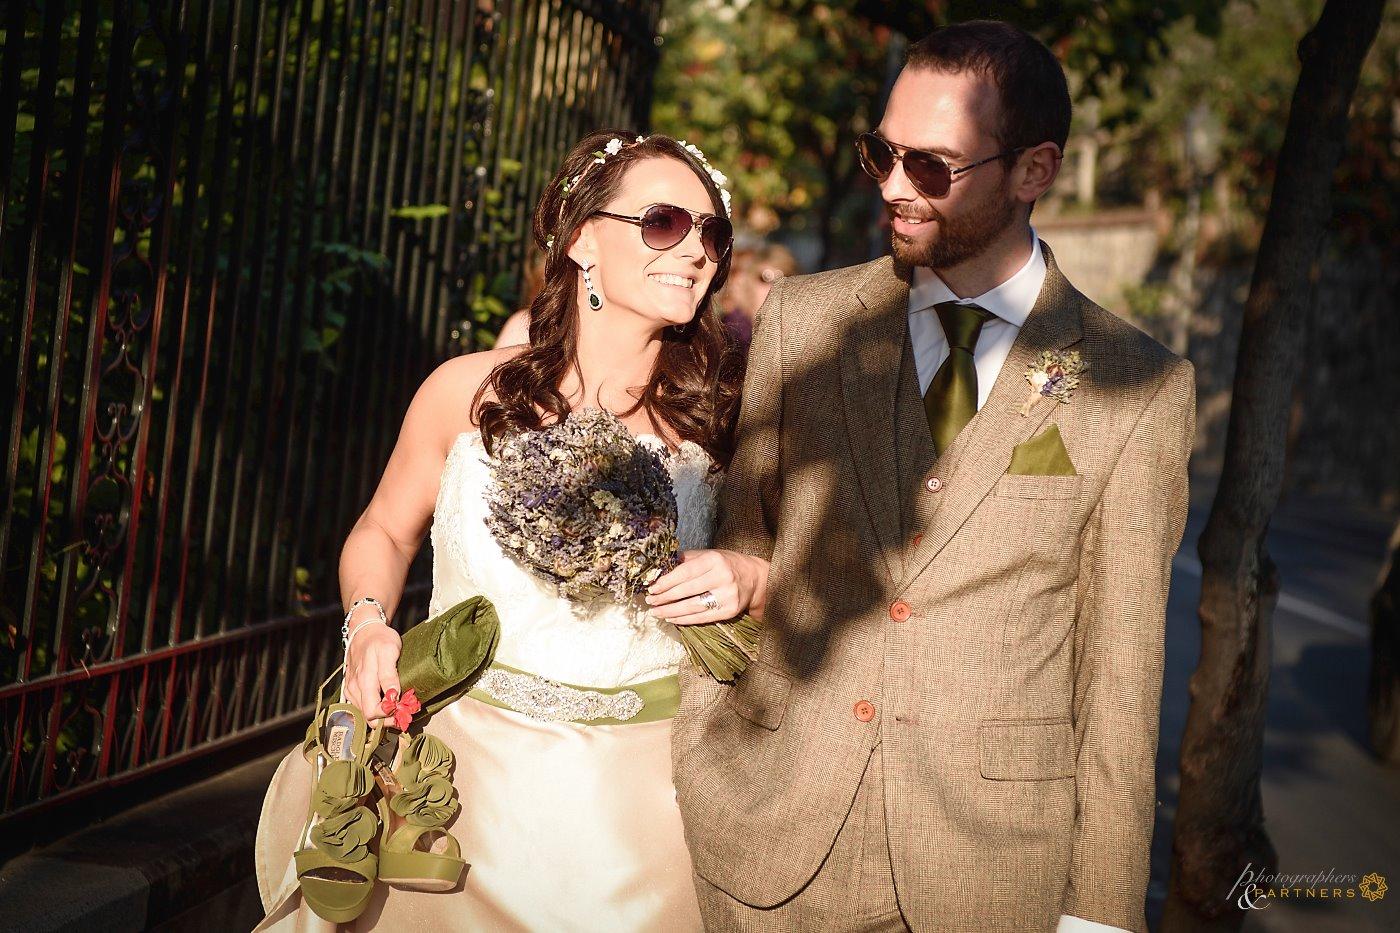 photography_weddings_sorrento_13.jpg